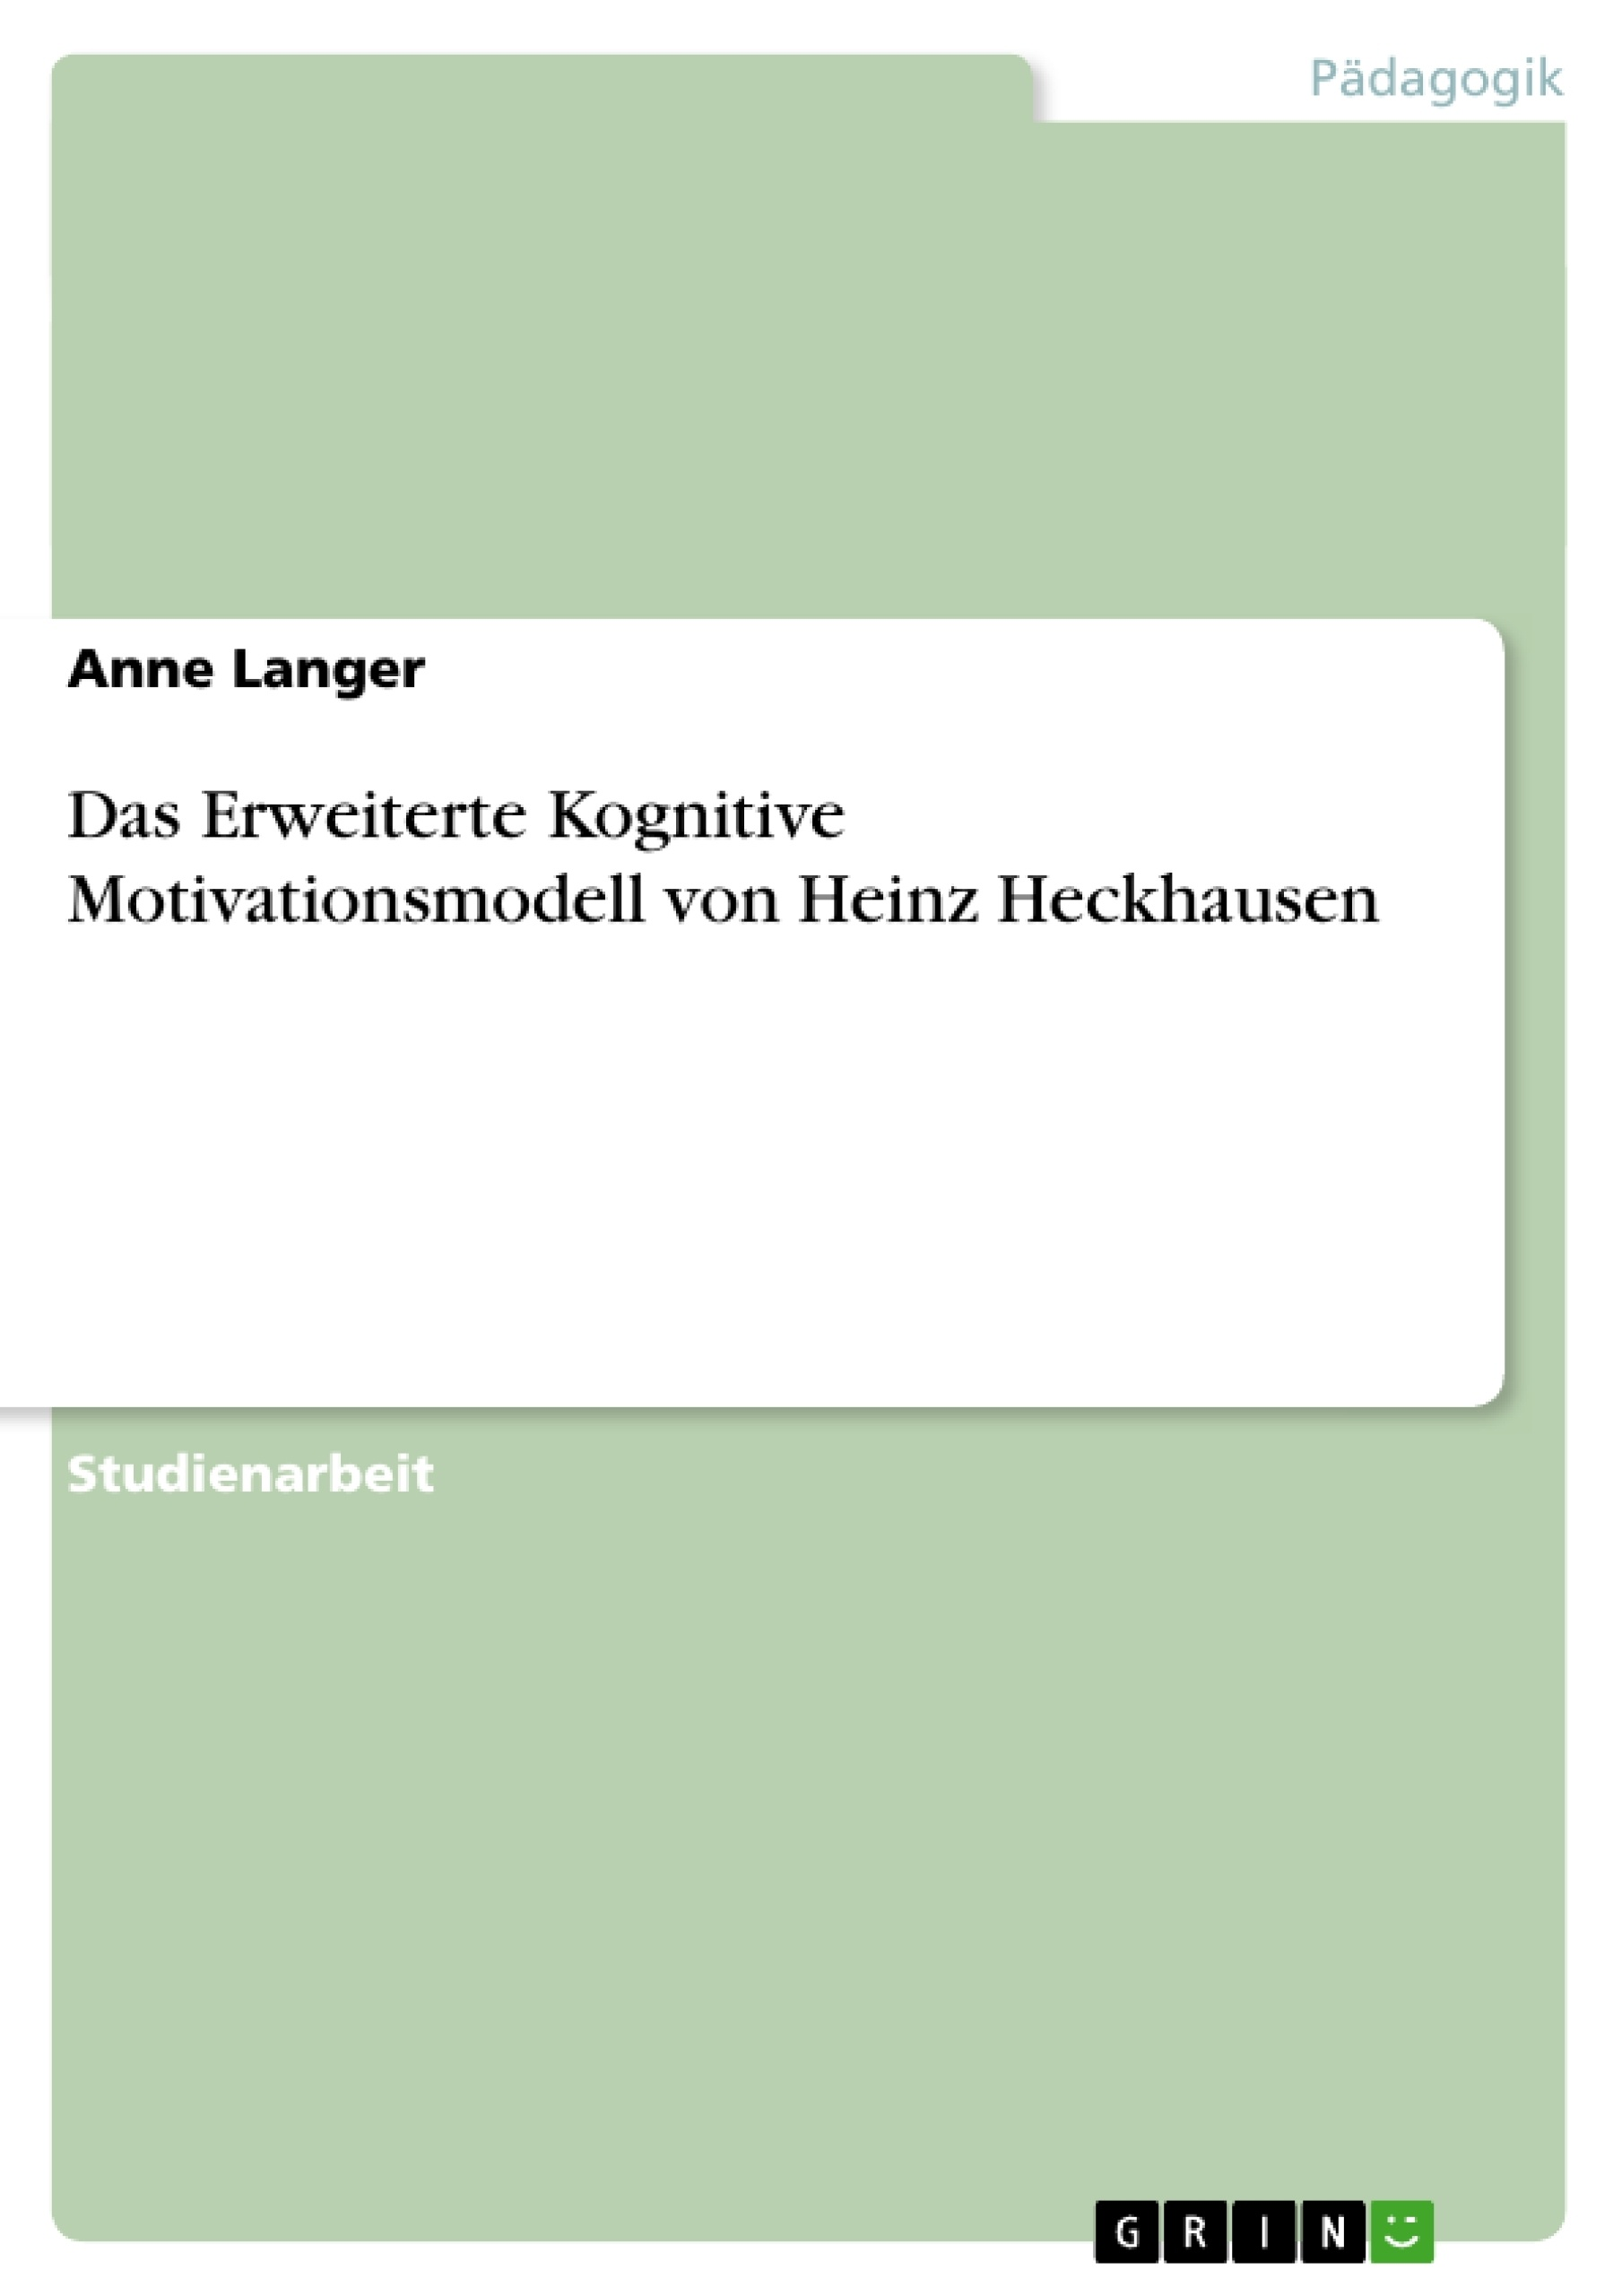 Titel: Das Erweiterte Kognitive Motivationsmodell von Heinz Heckhausen